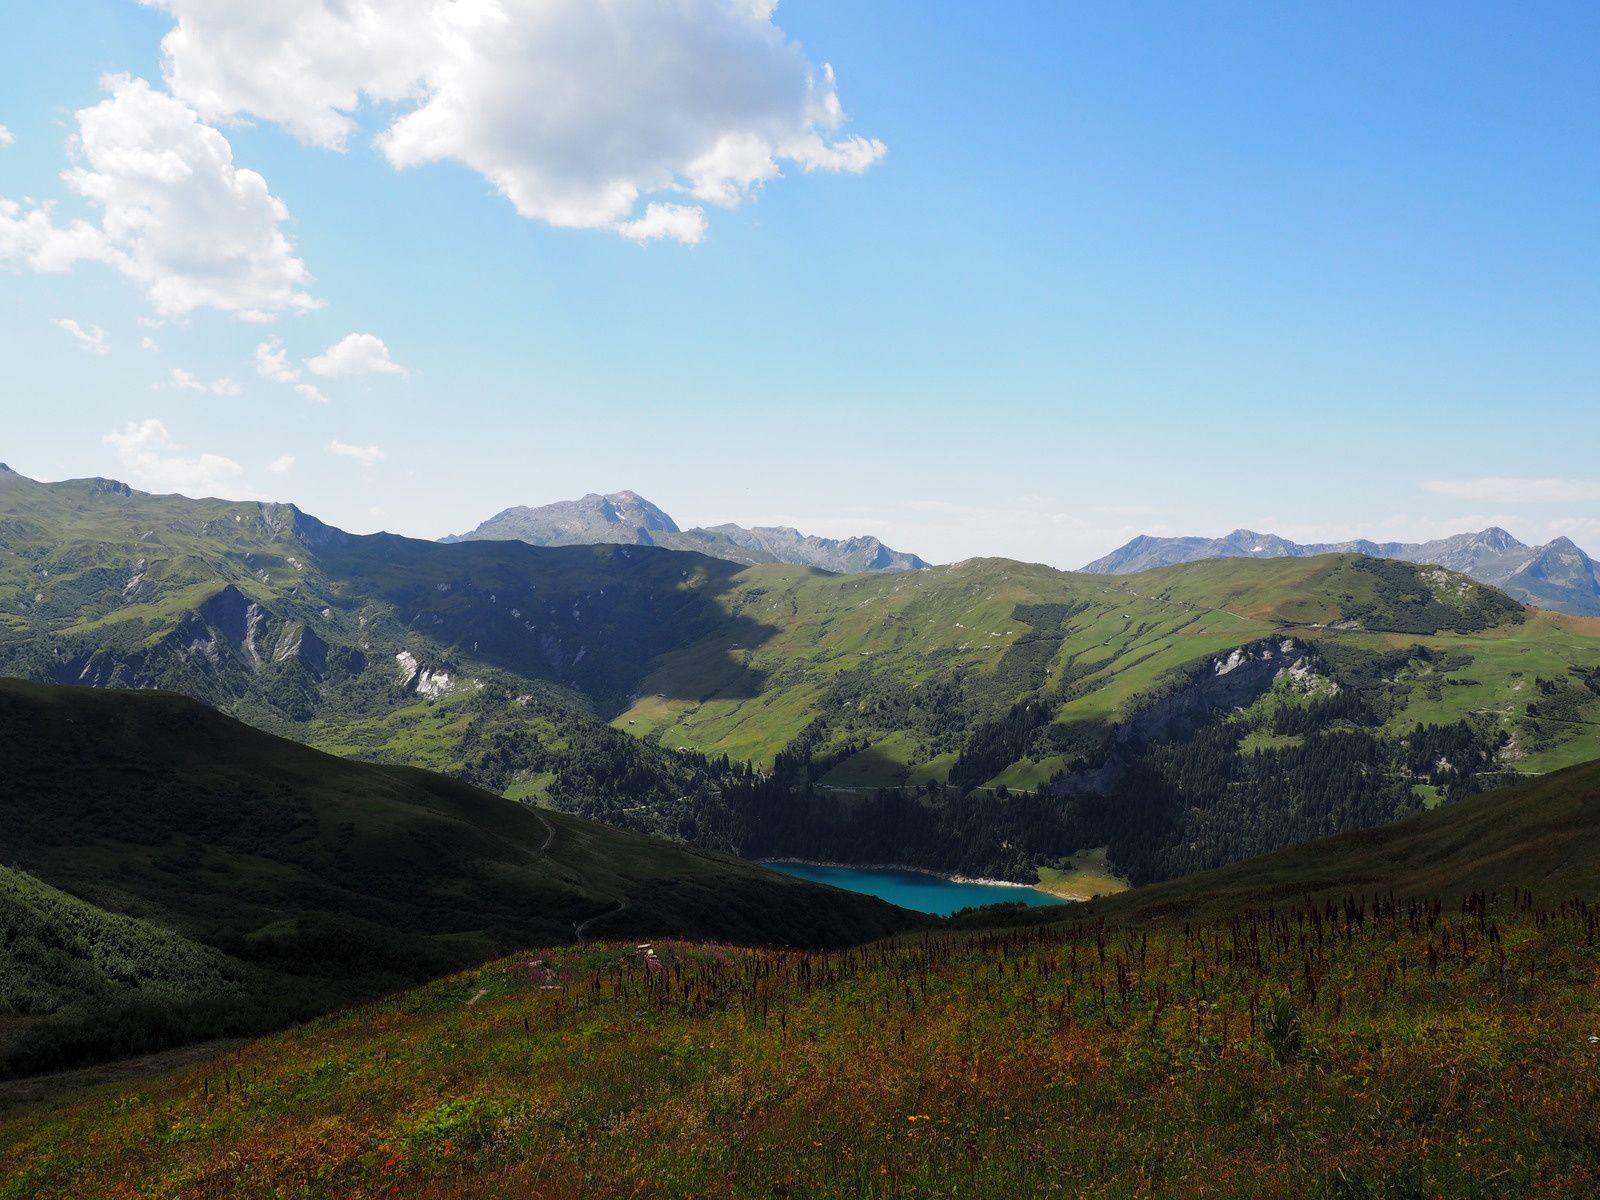 Grande Berge atteinte nous entamons la dernière descente sur treicol .